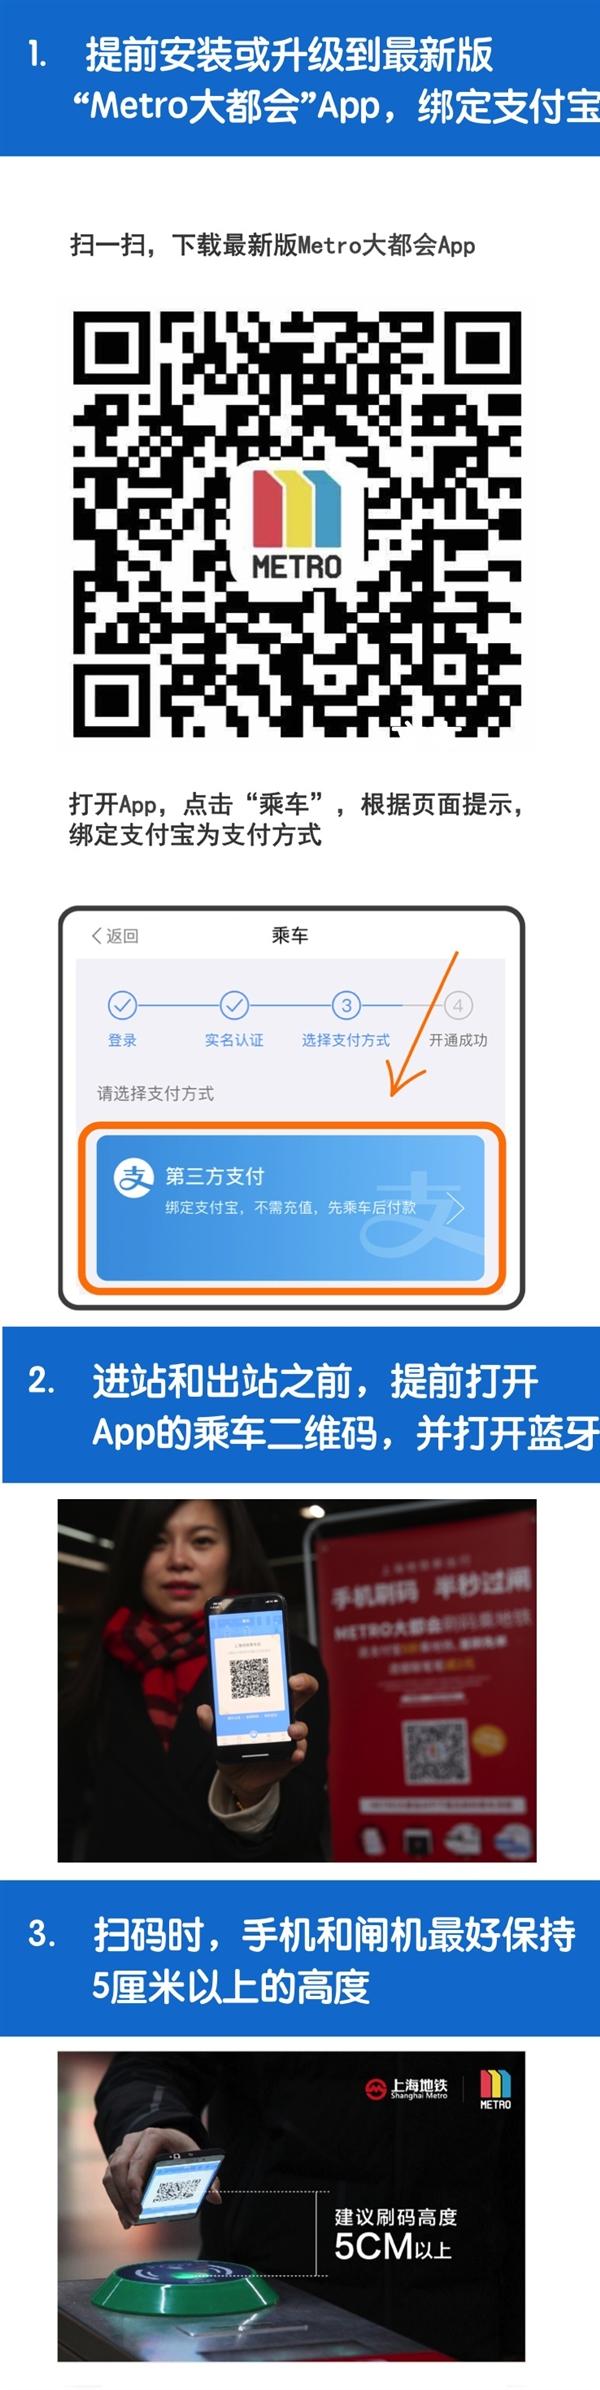 支付宝全面接入上海地铁 首单免费